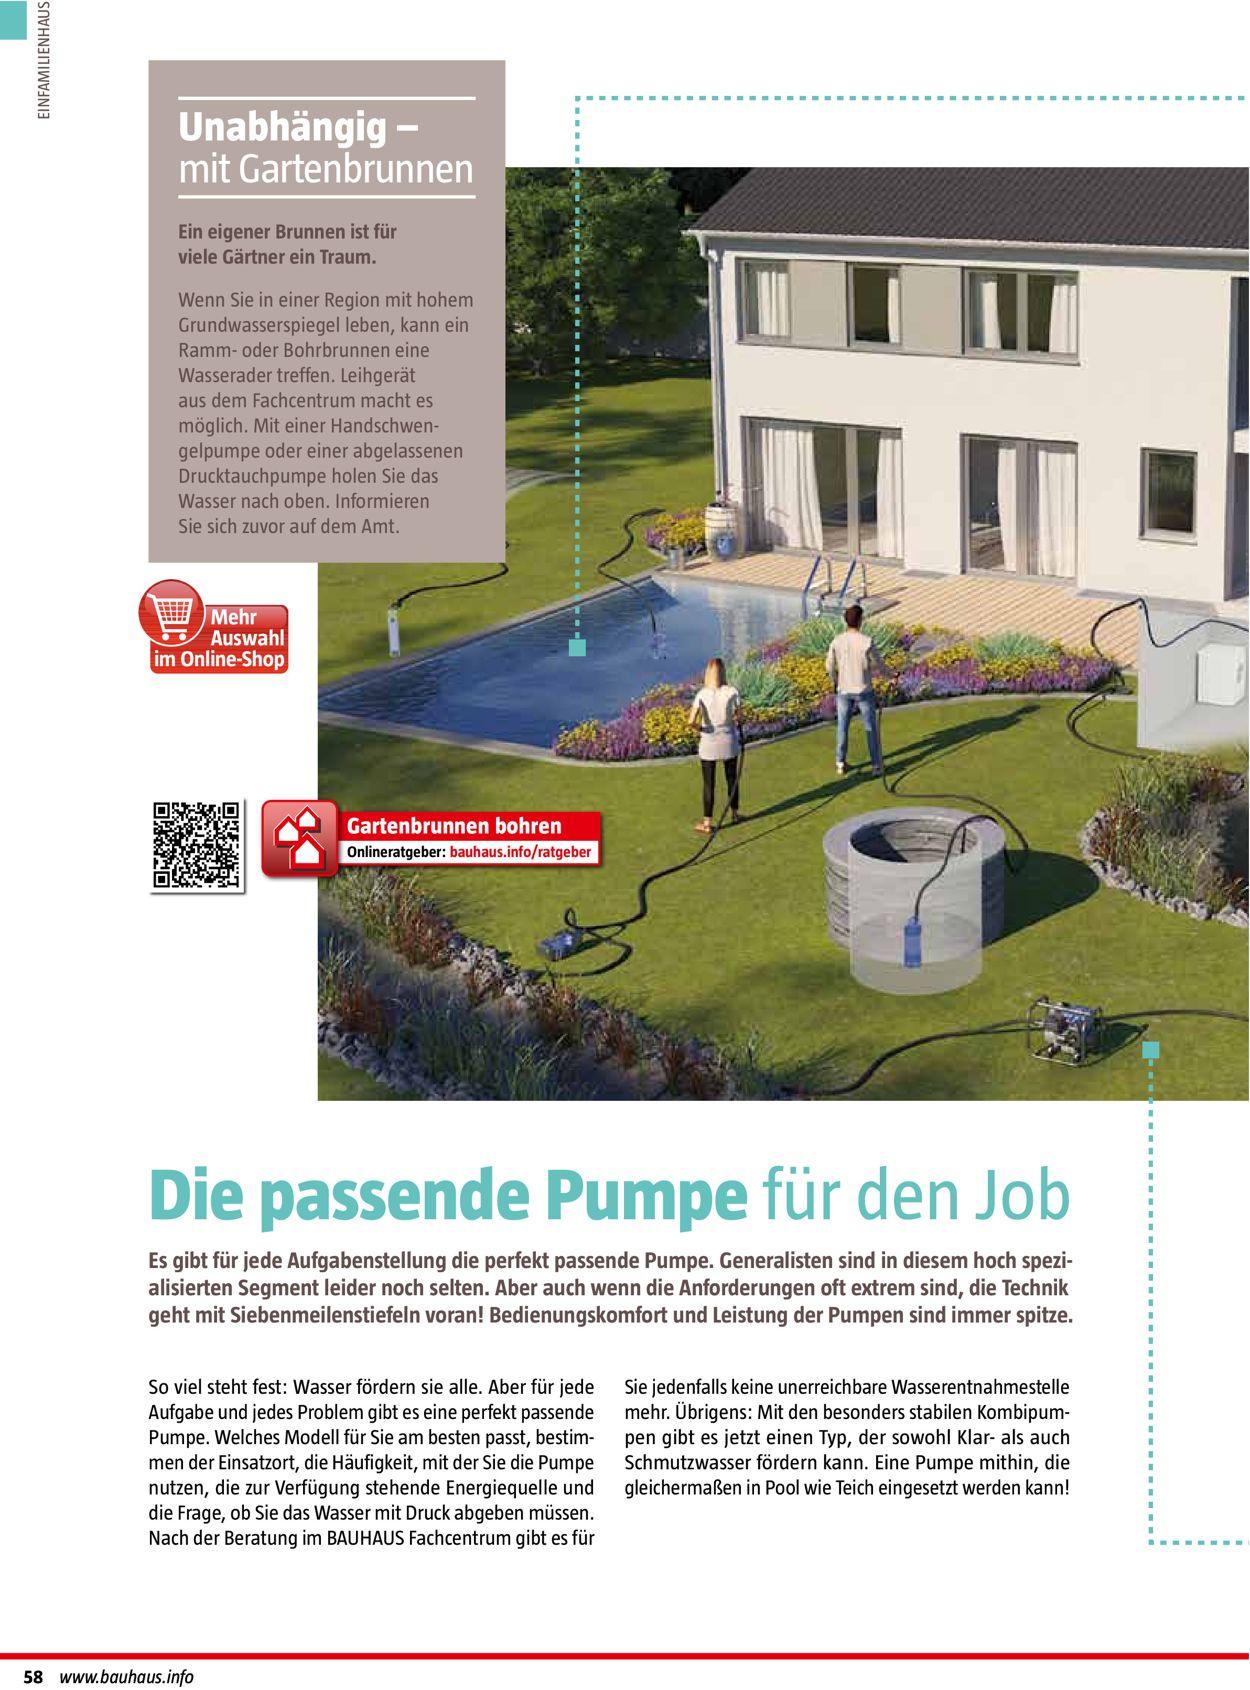 Full Size of Bauhaus Gartenbrunnen Aktueller Prospekt 0101 30062020 58 Jedewoche Fenster Wohnzimmer Bauhaus Gartenbrunnen